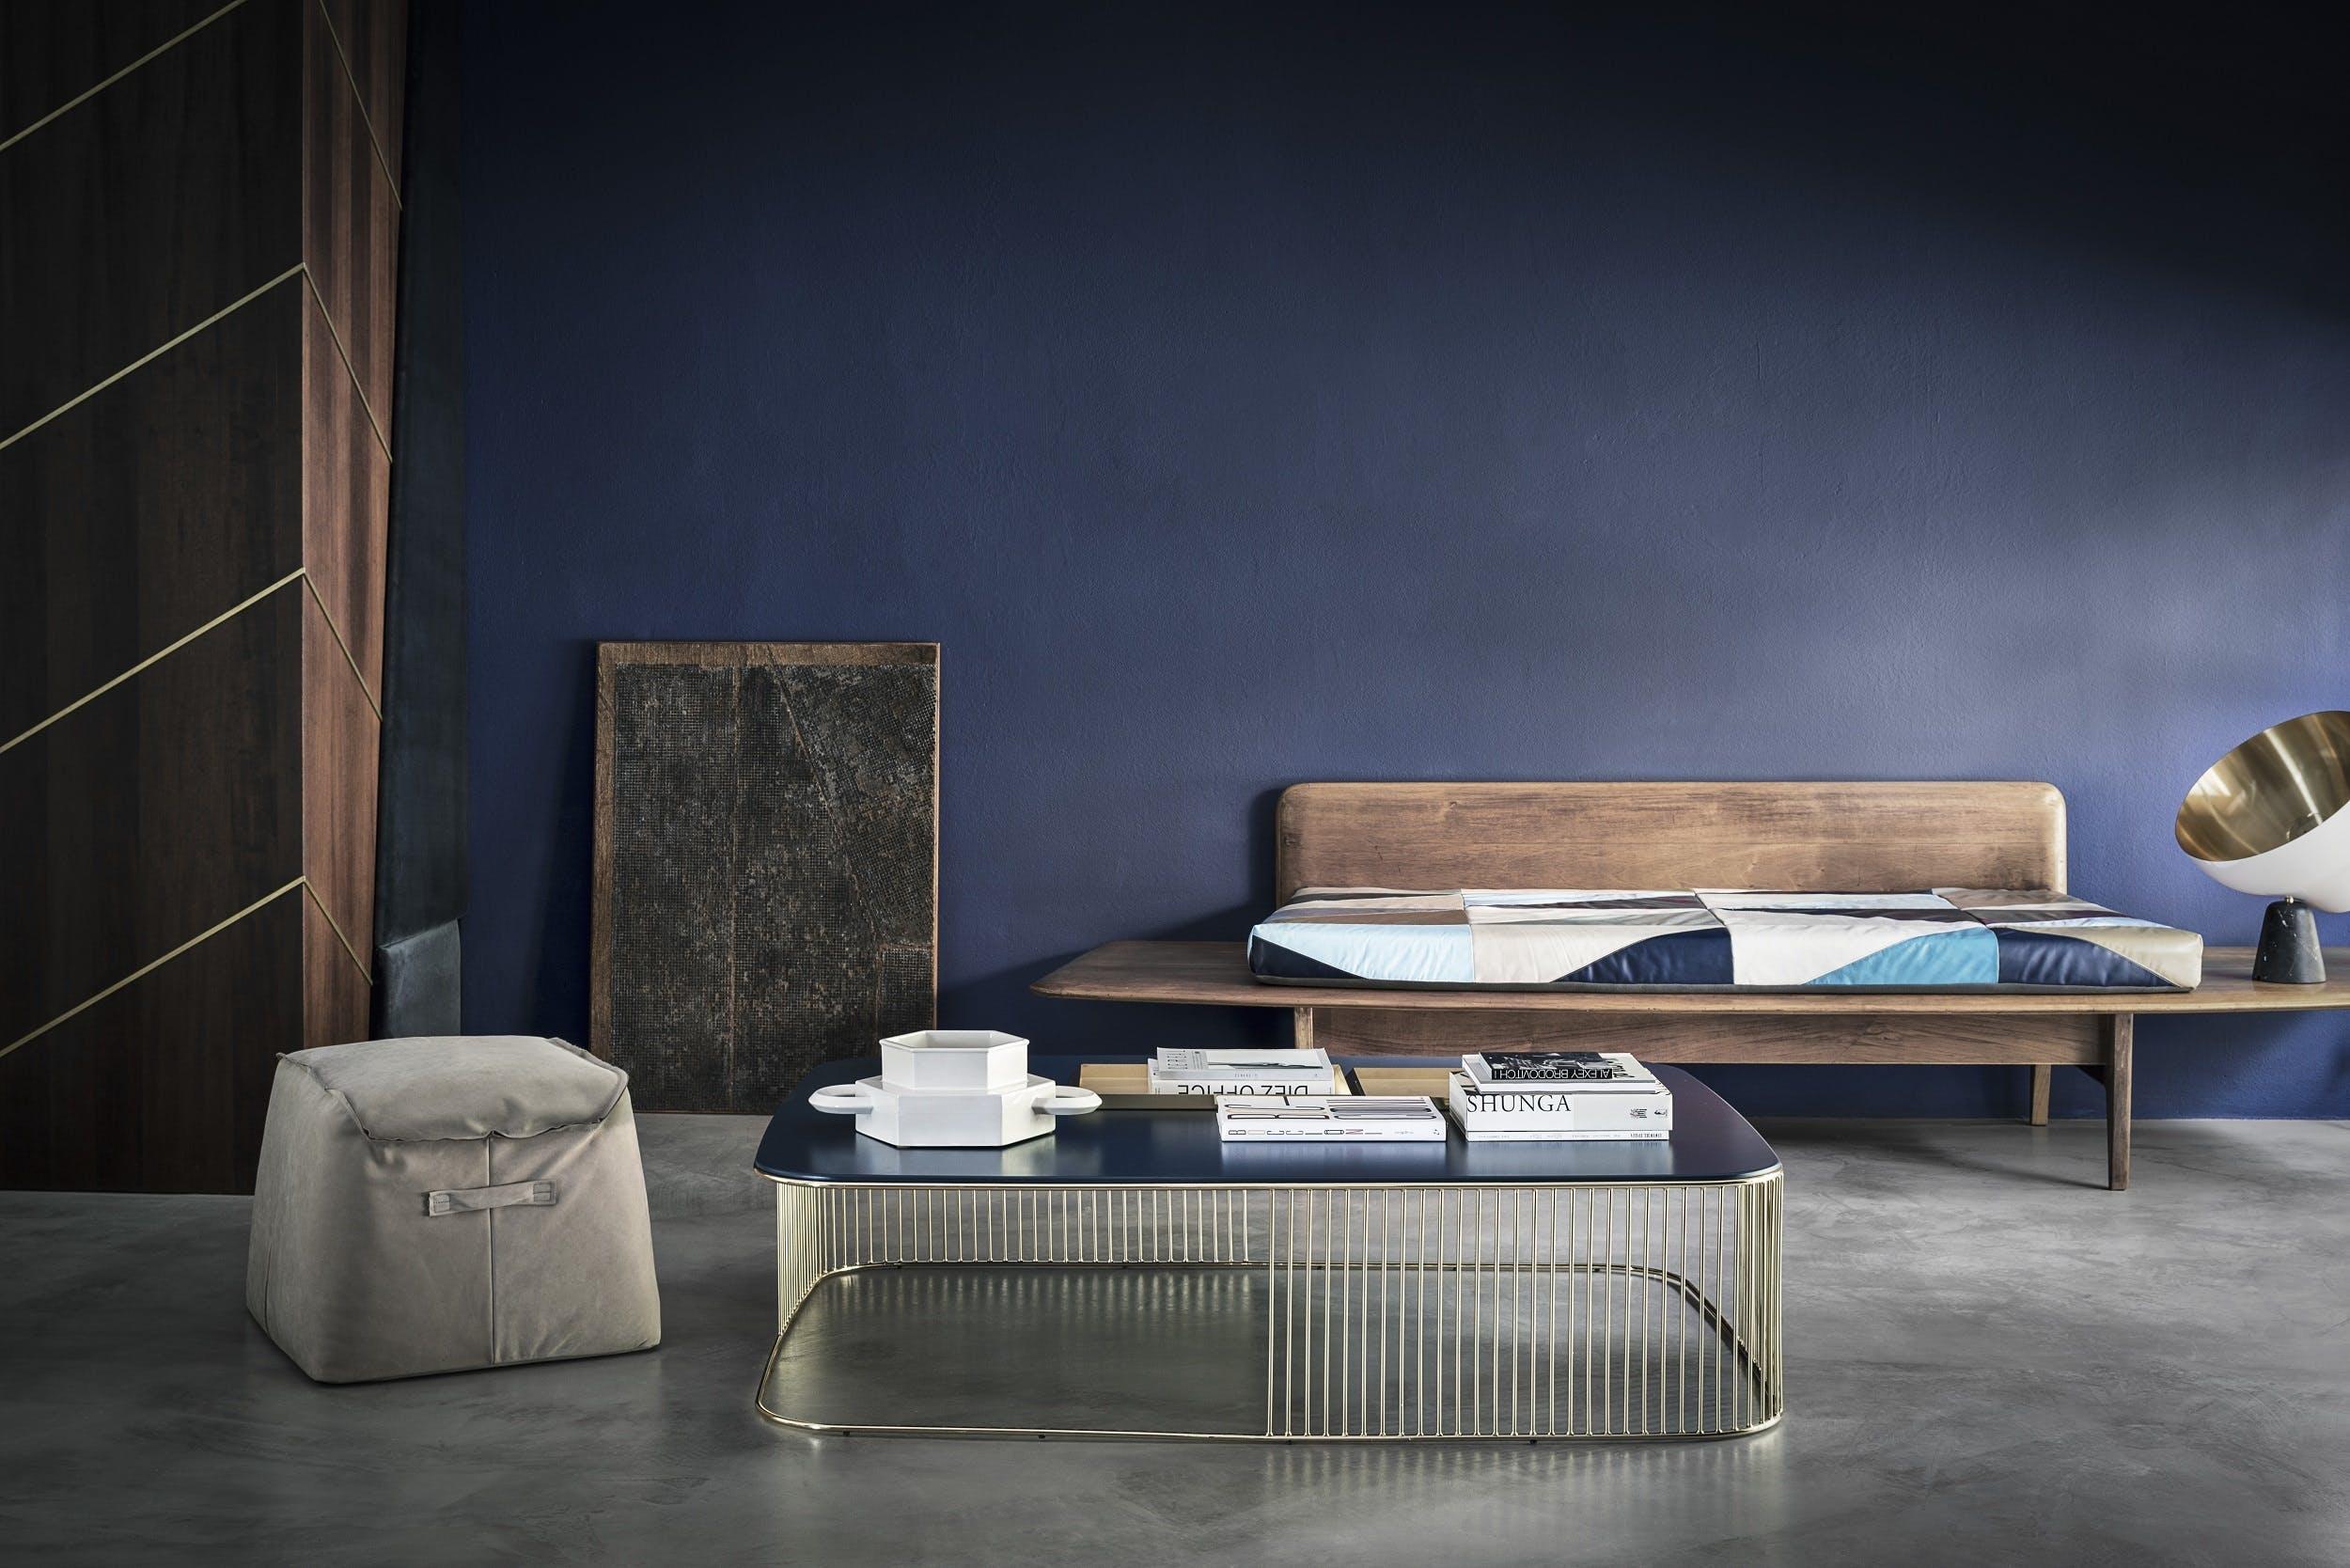 Frag-furniture-comb-10-accent-table-institu-haute-living